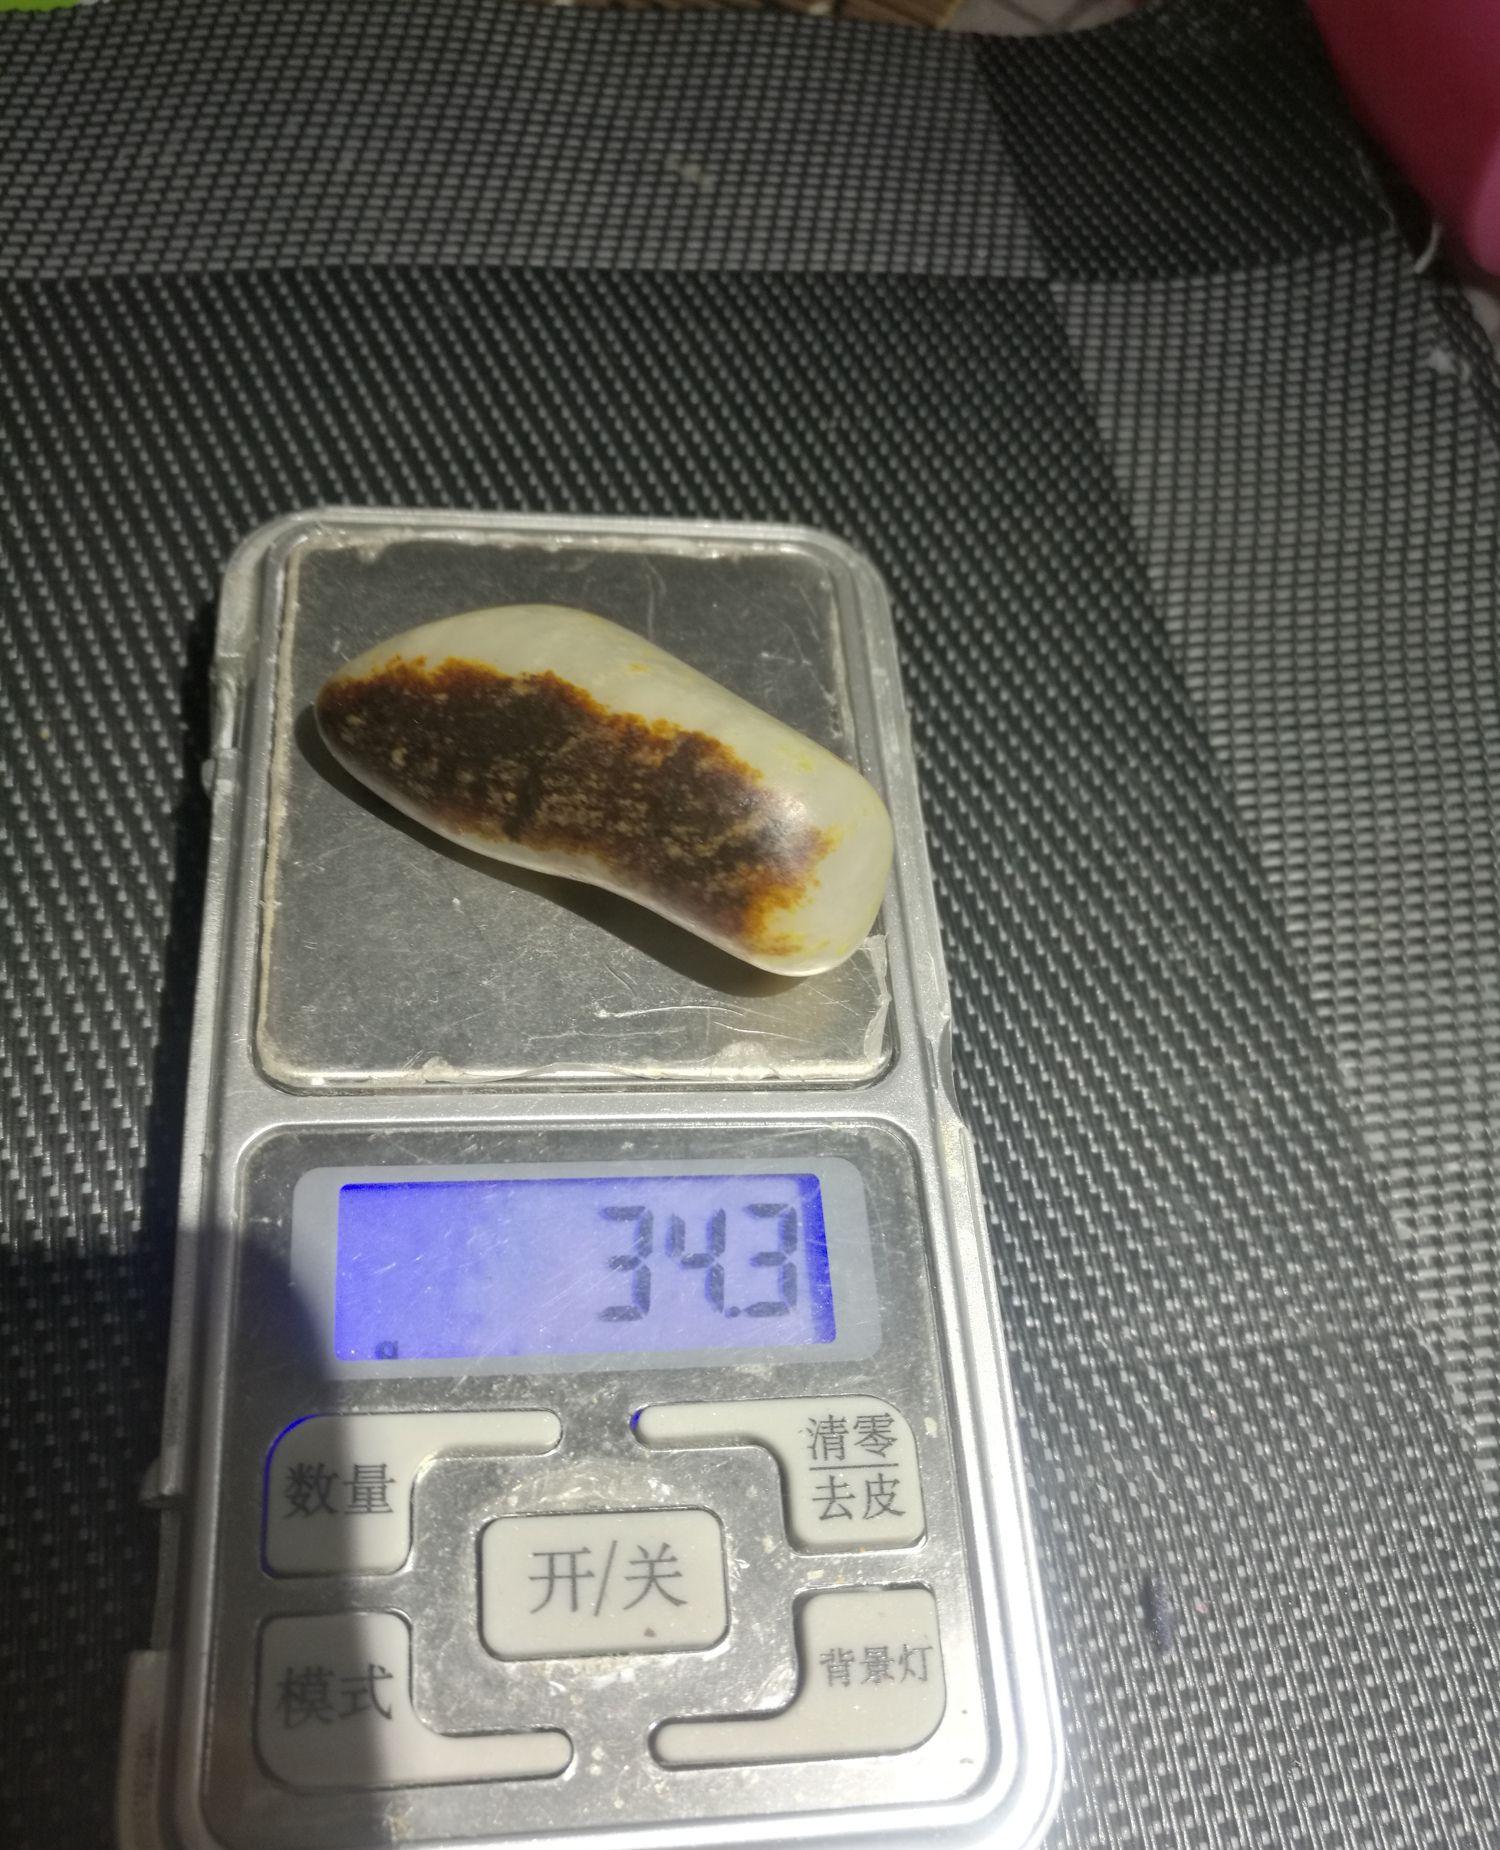 和田玉籽料原石特色品种,雪花玉聚黑油皮